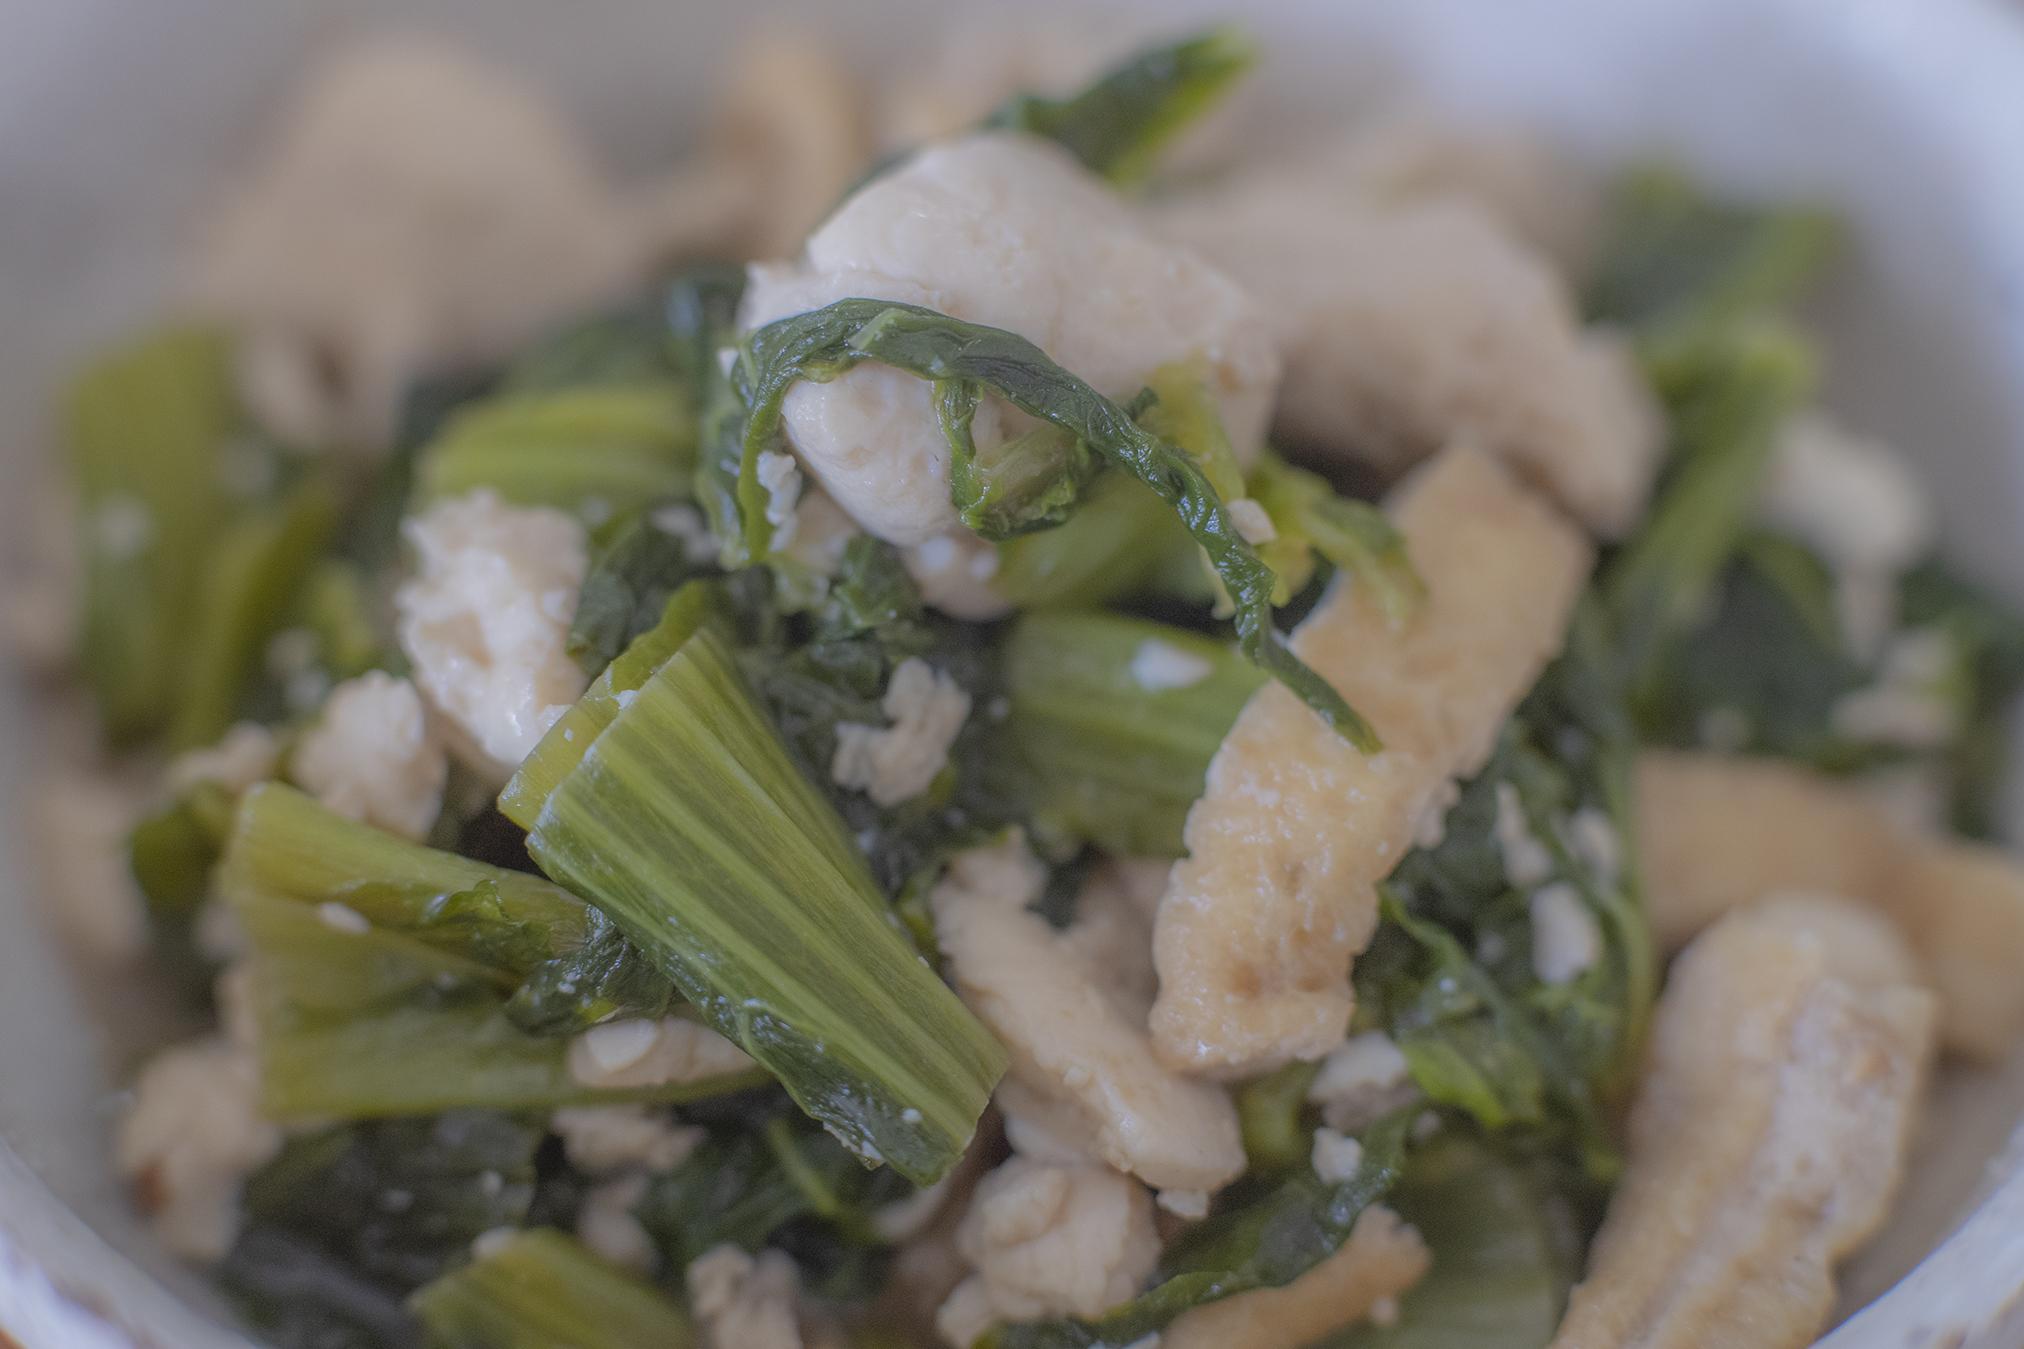 香川県の郷土料理「まんばのけんちゃん」を作ってみた。